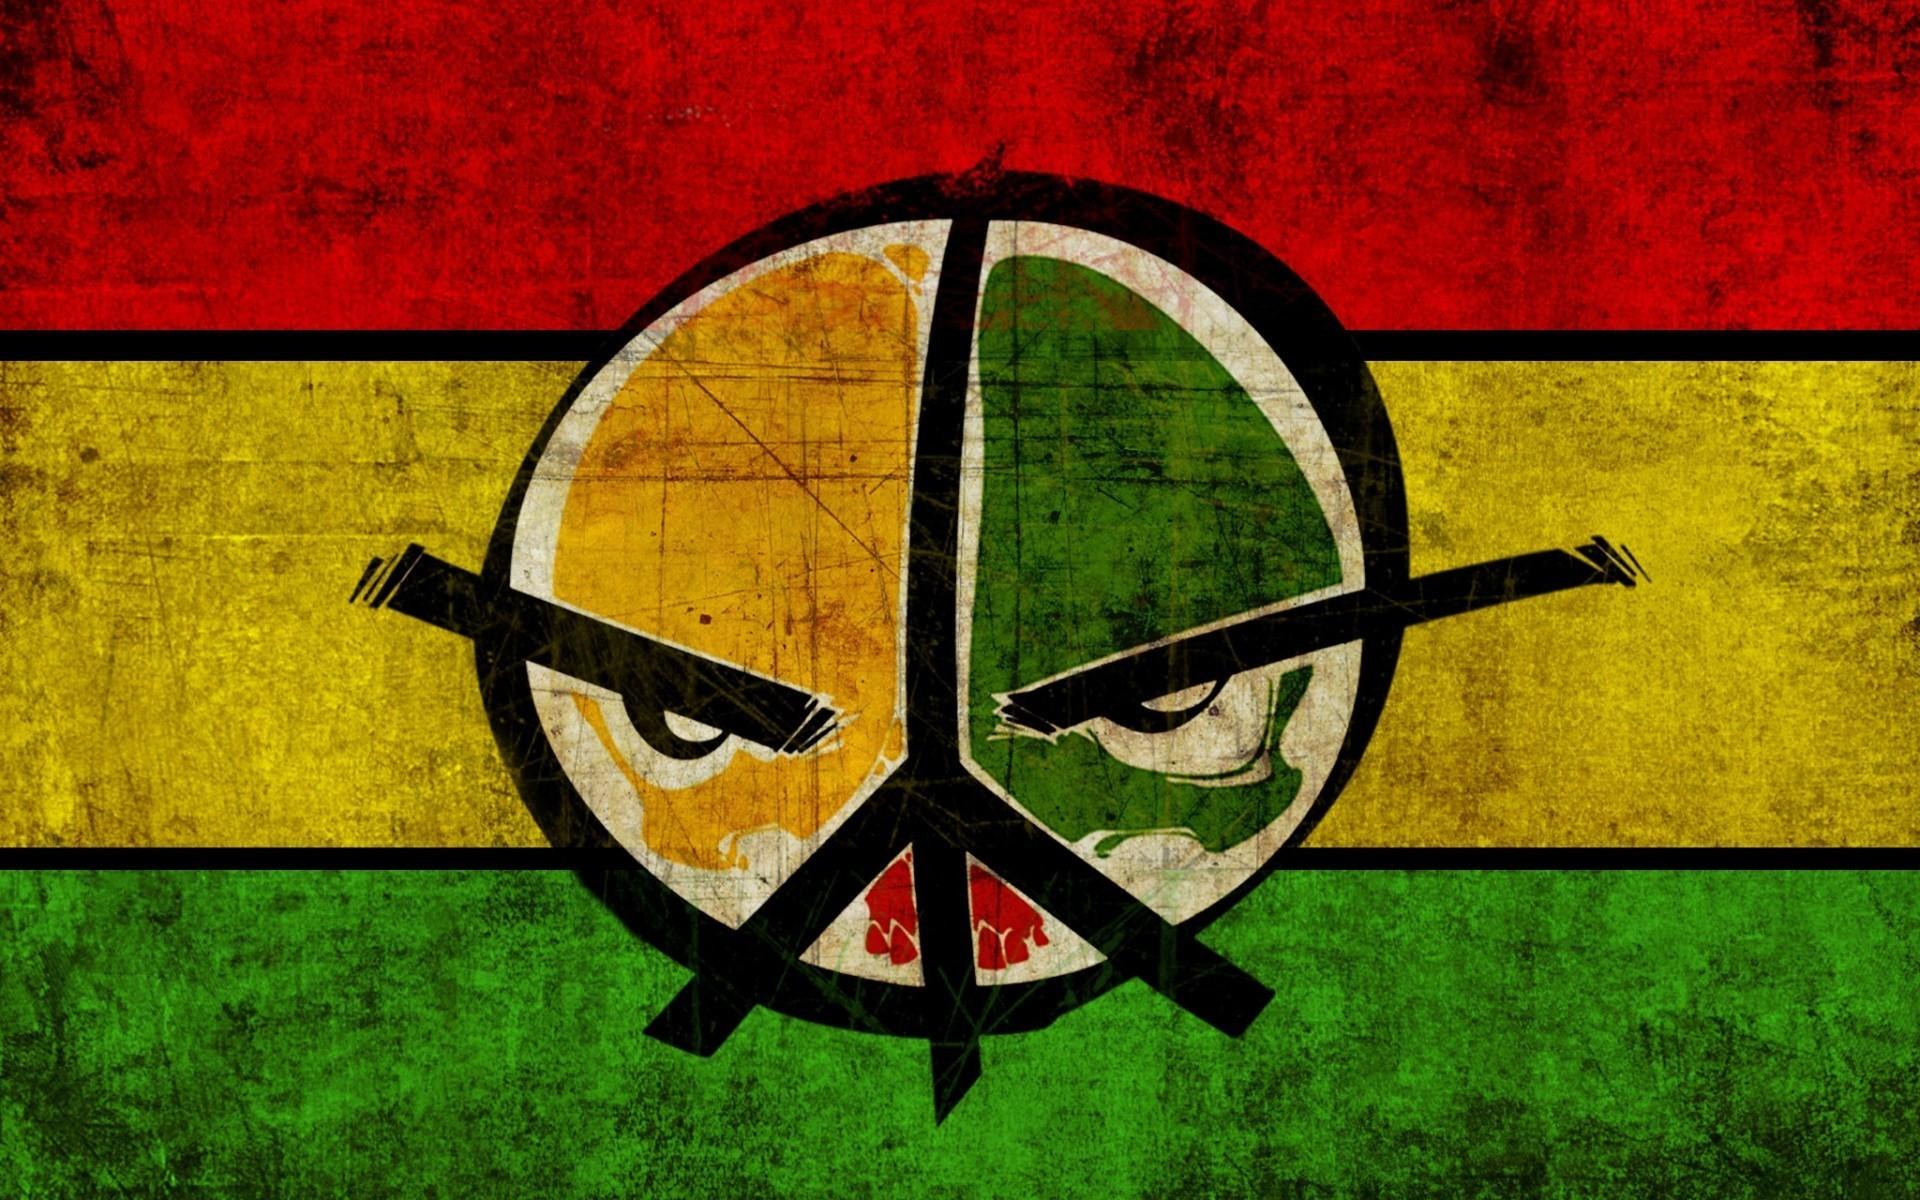 Peace hd wallpaper wallpapersafari - Peace hd wallpapers free download ...